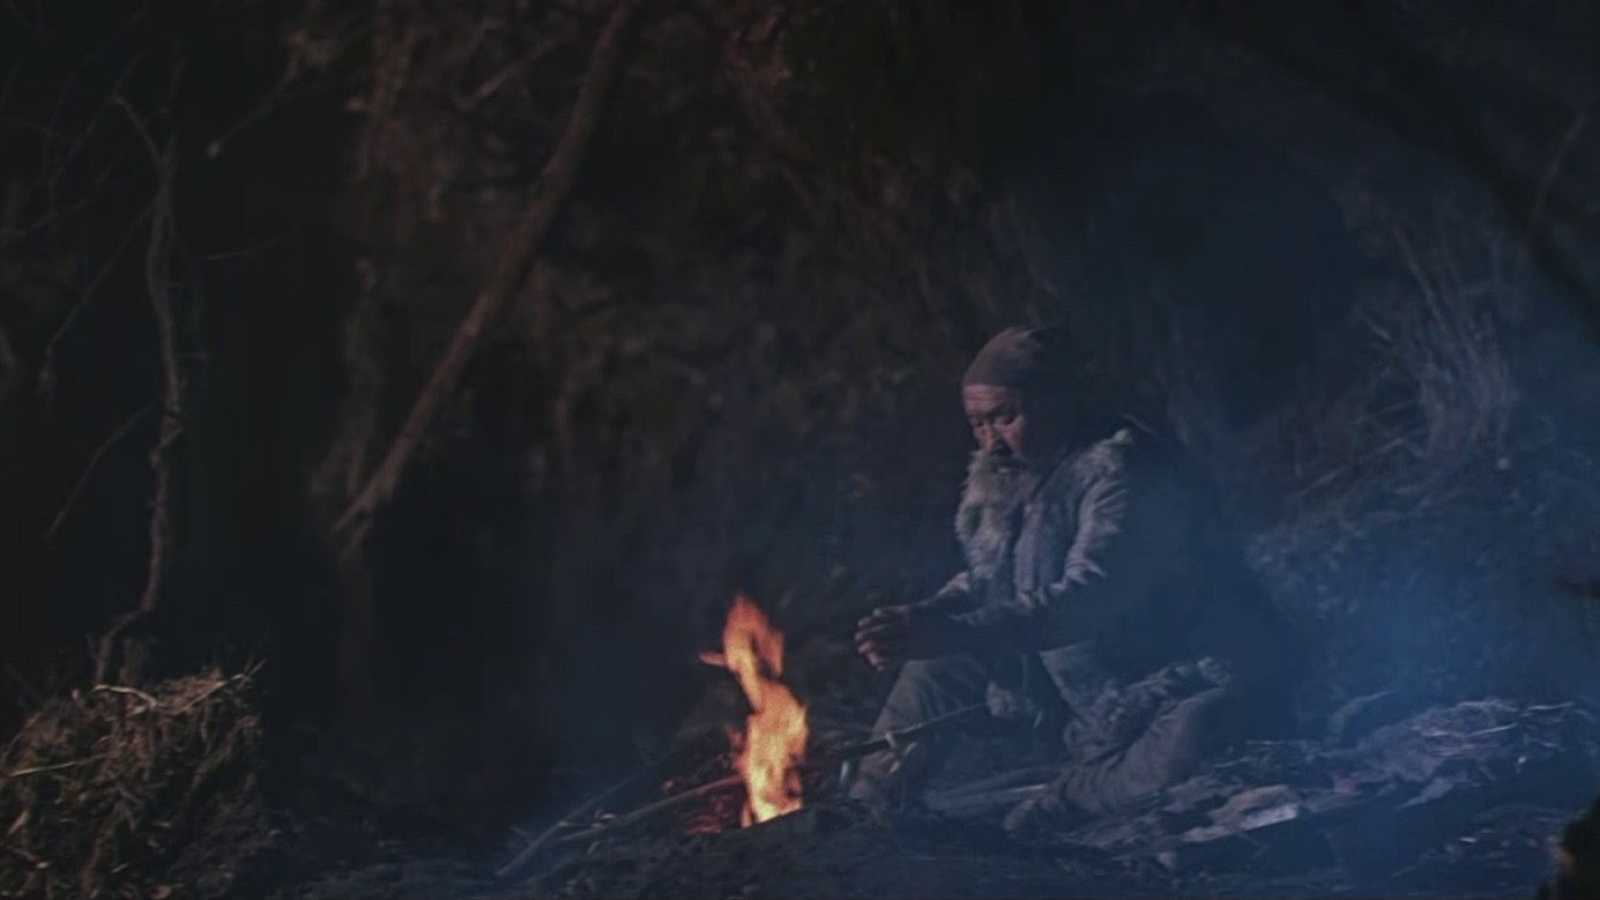 La secuencia favorita de la productora Marta Esteban: 'Ficción' y 'Dersu Uzala'